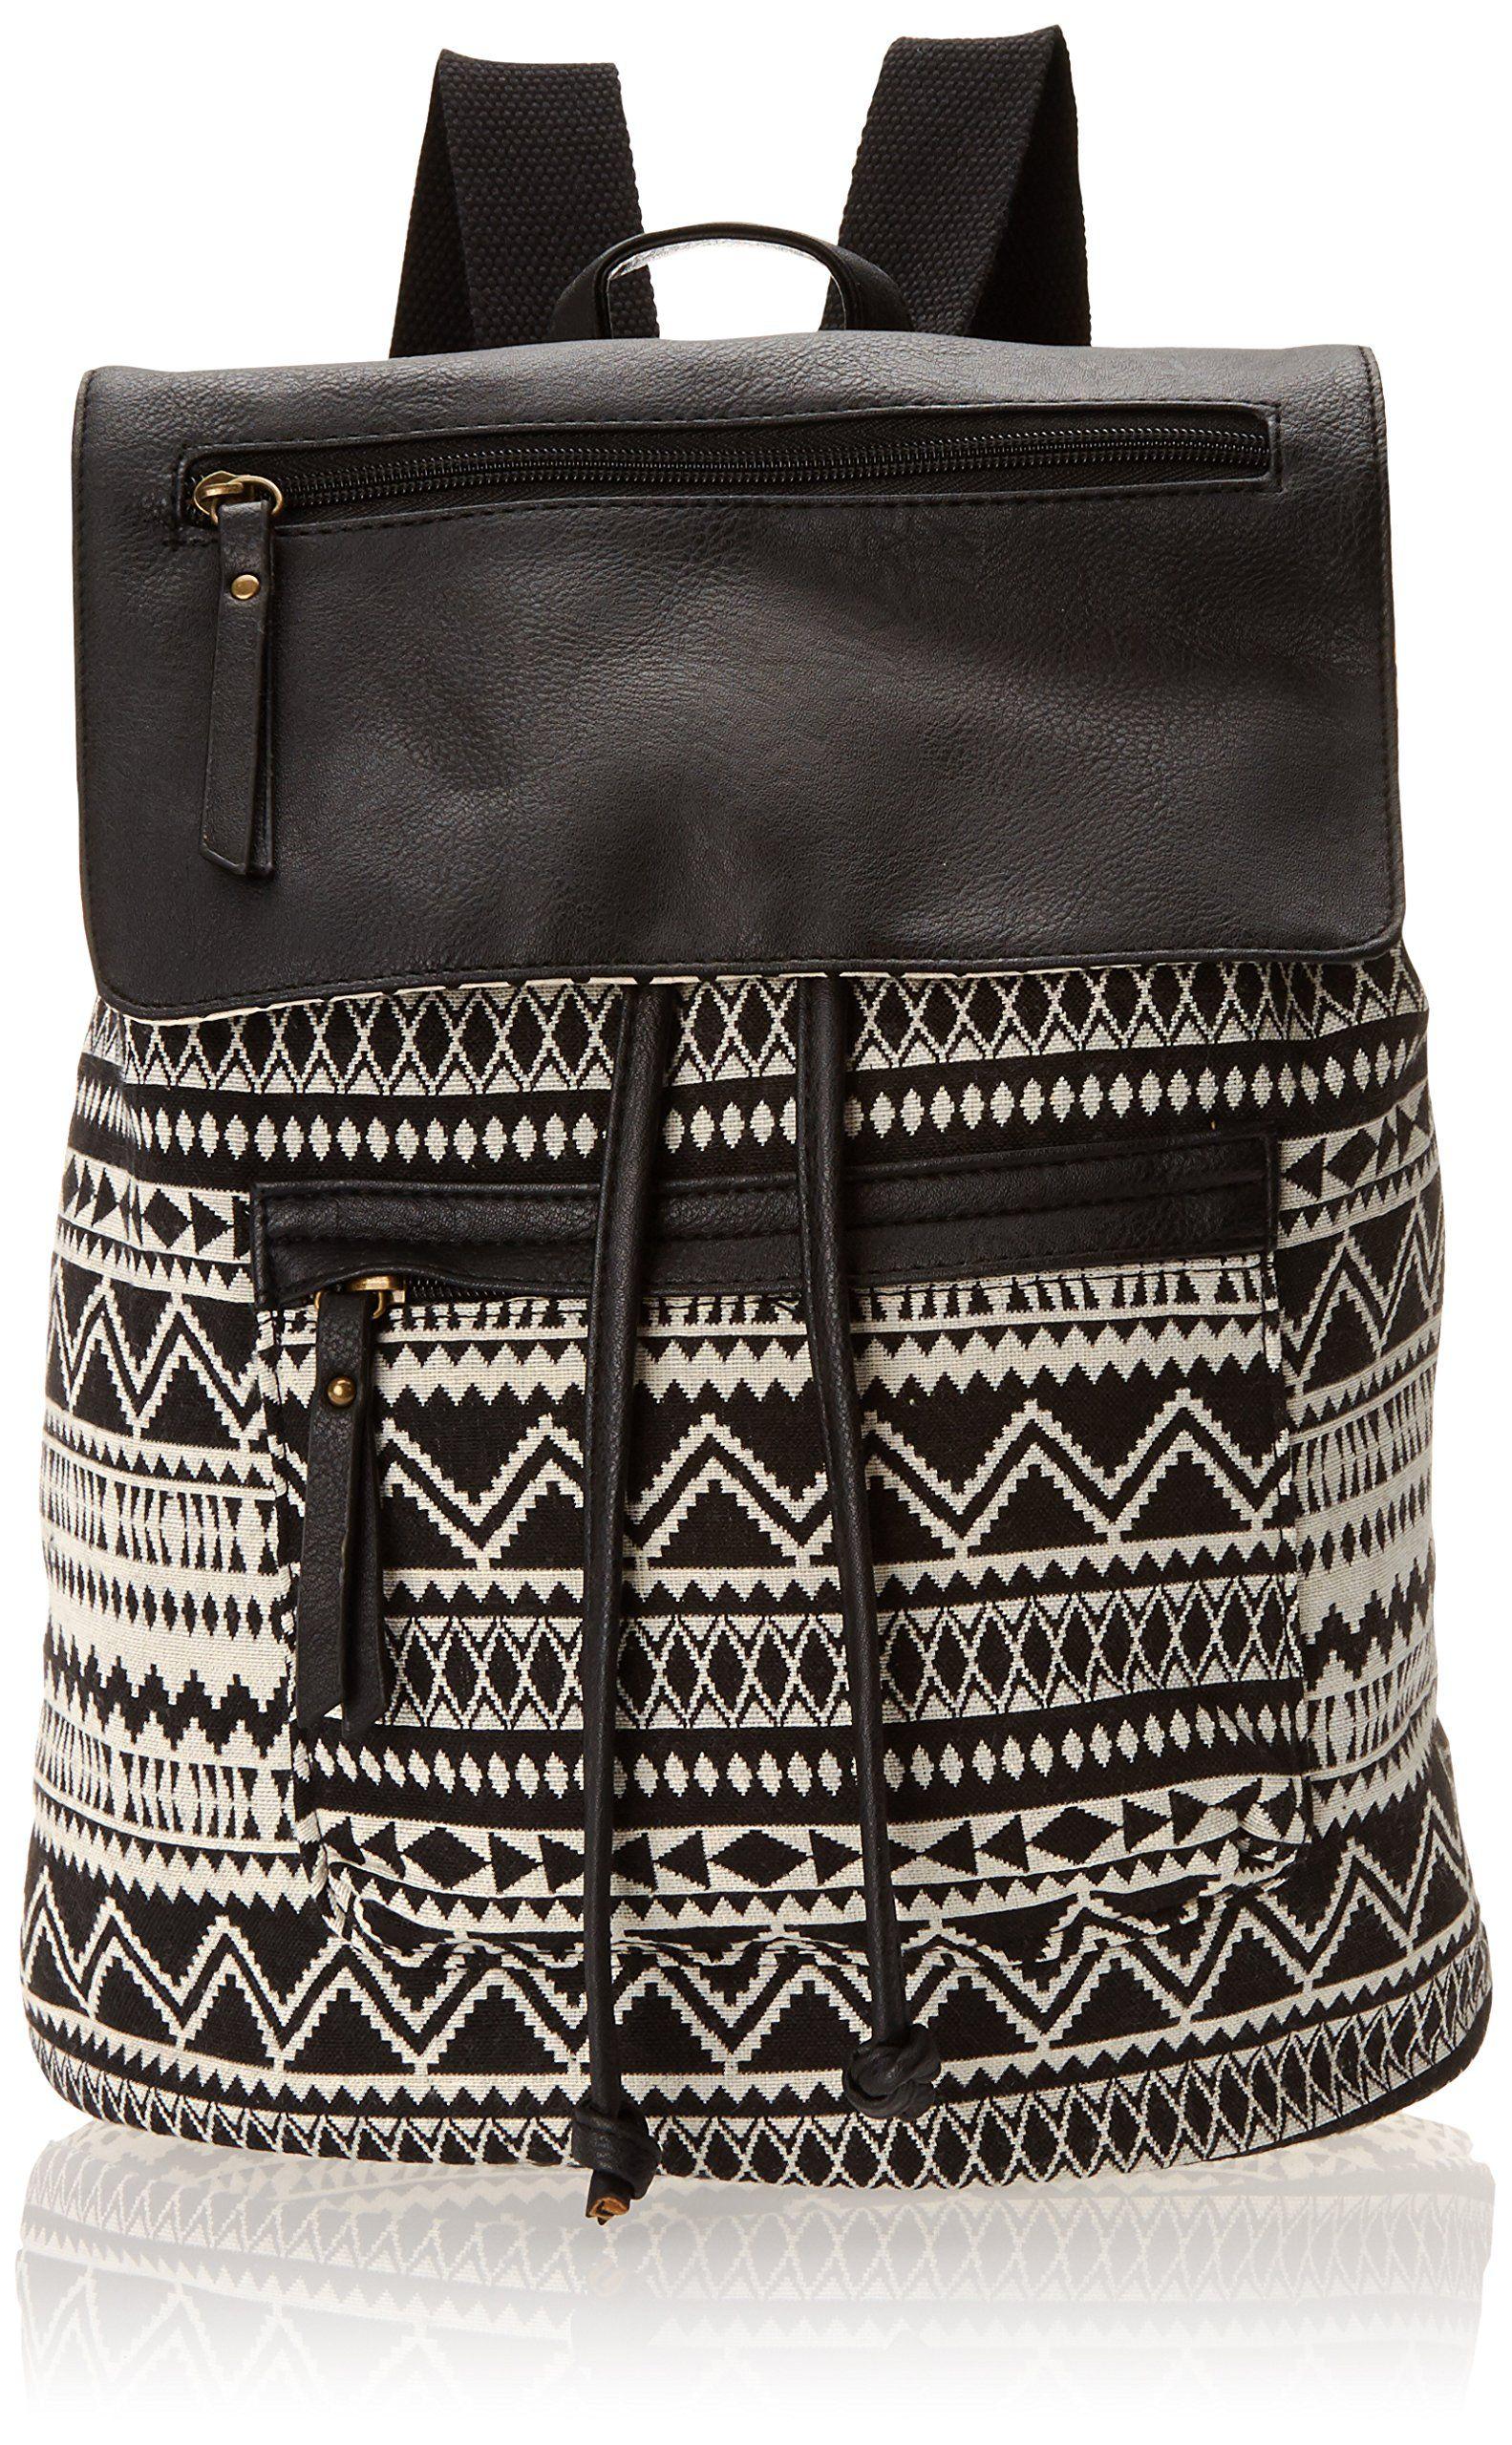 Madden Girl Bposter Backpack Handbag 9b696069b126c